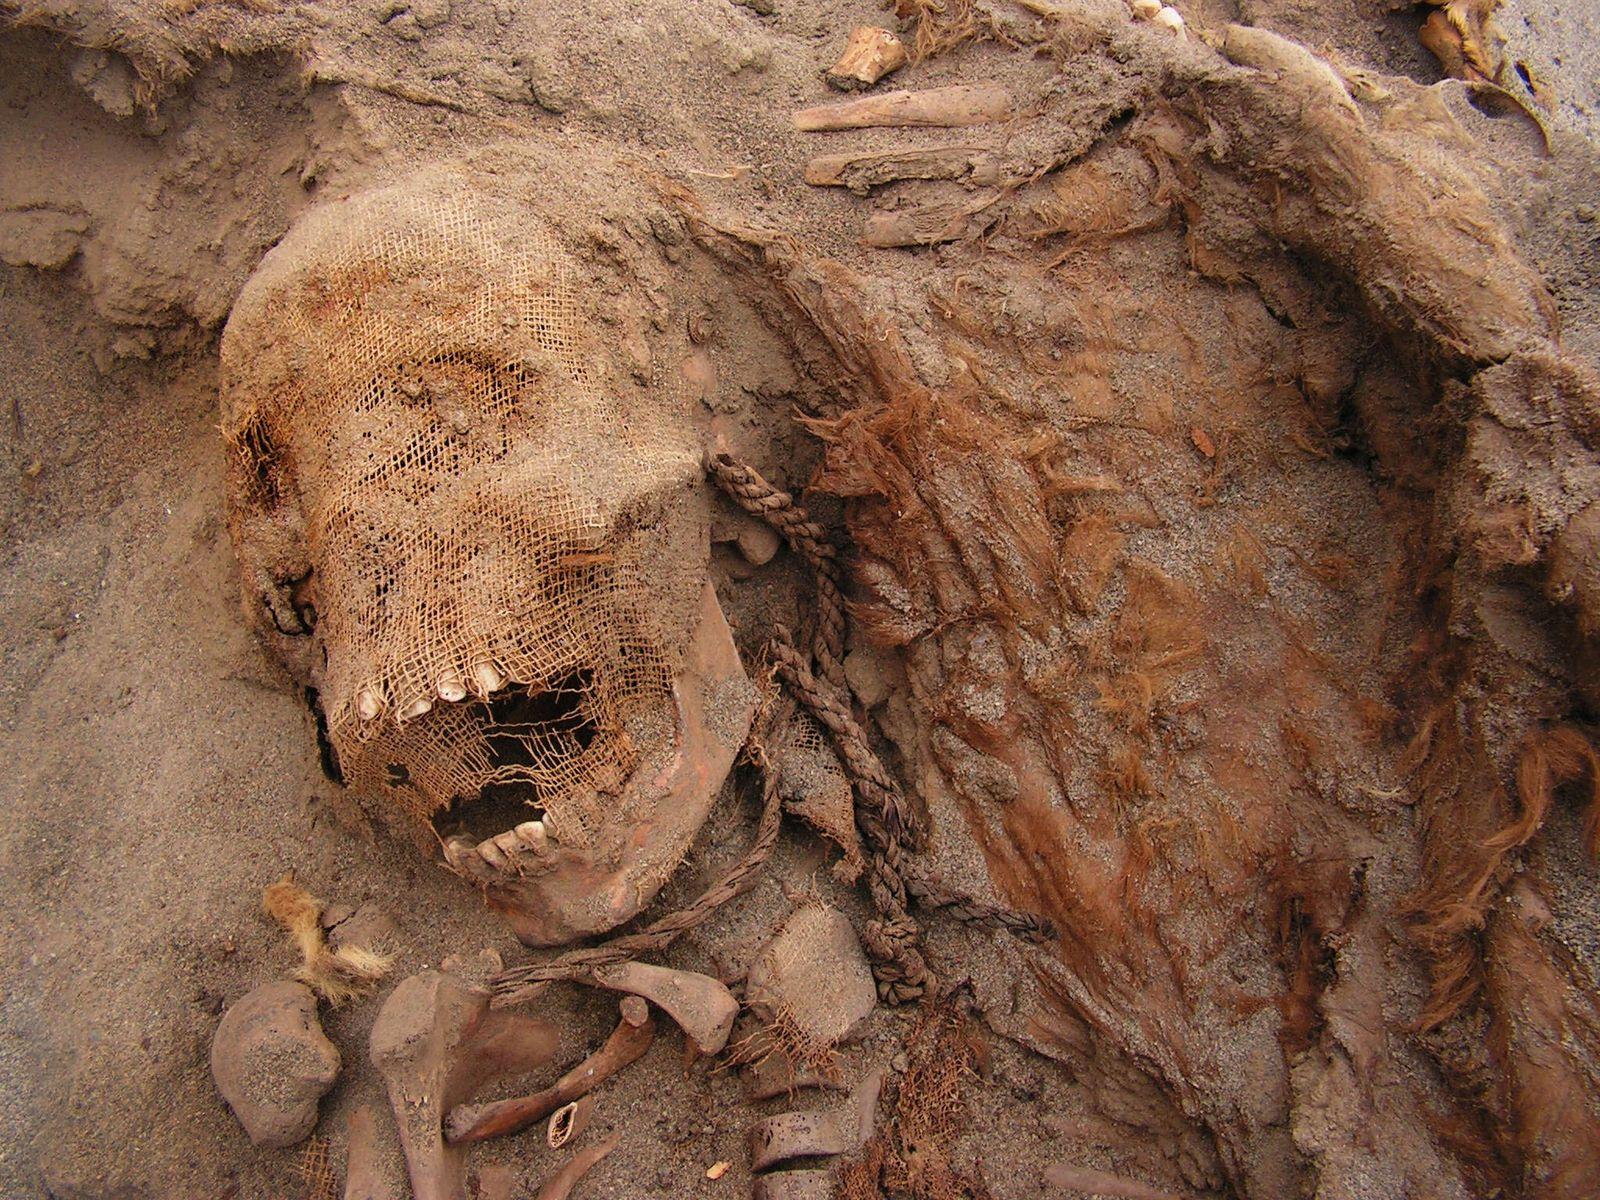 Los investigadores continúan desentrañando los eventos en Las Llamas, y esperan finalmente explicar por qué y ...